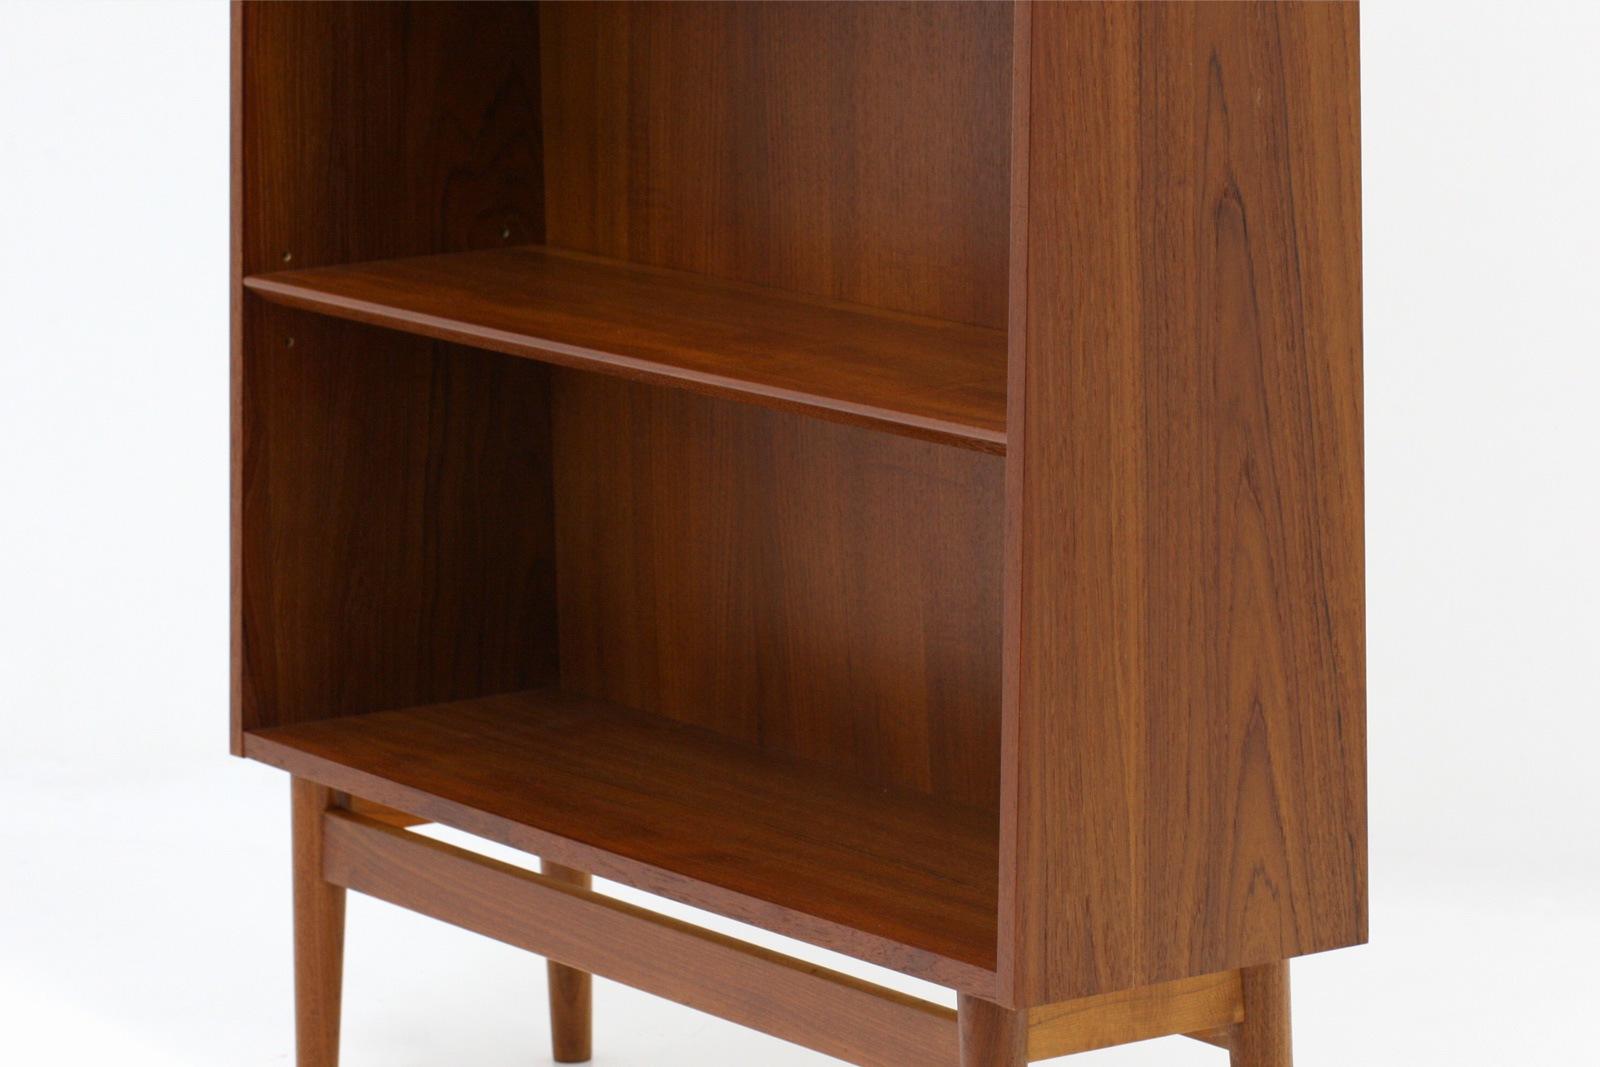 ヴィンテージ,北欧,デンマーク,家具,本棚,大きめ